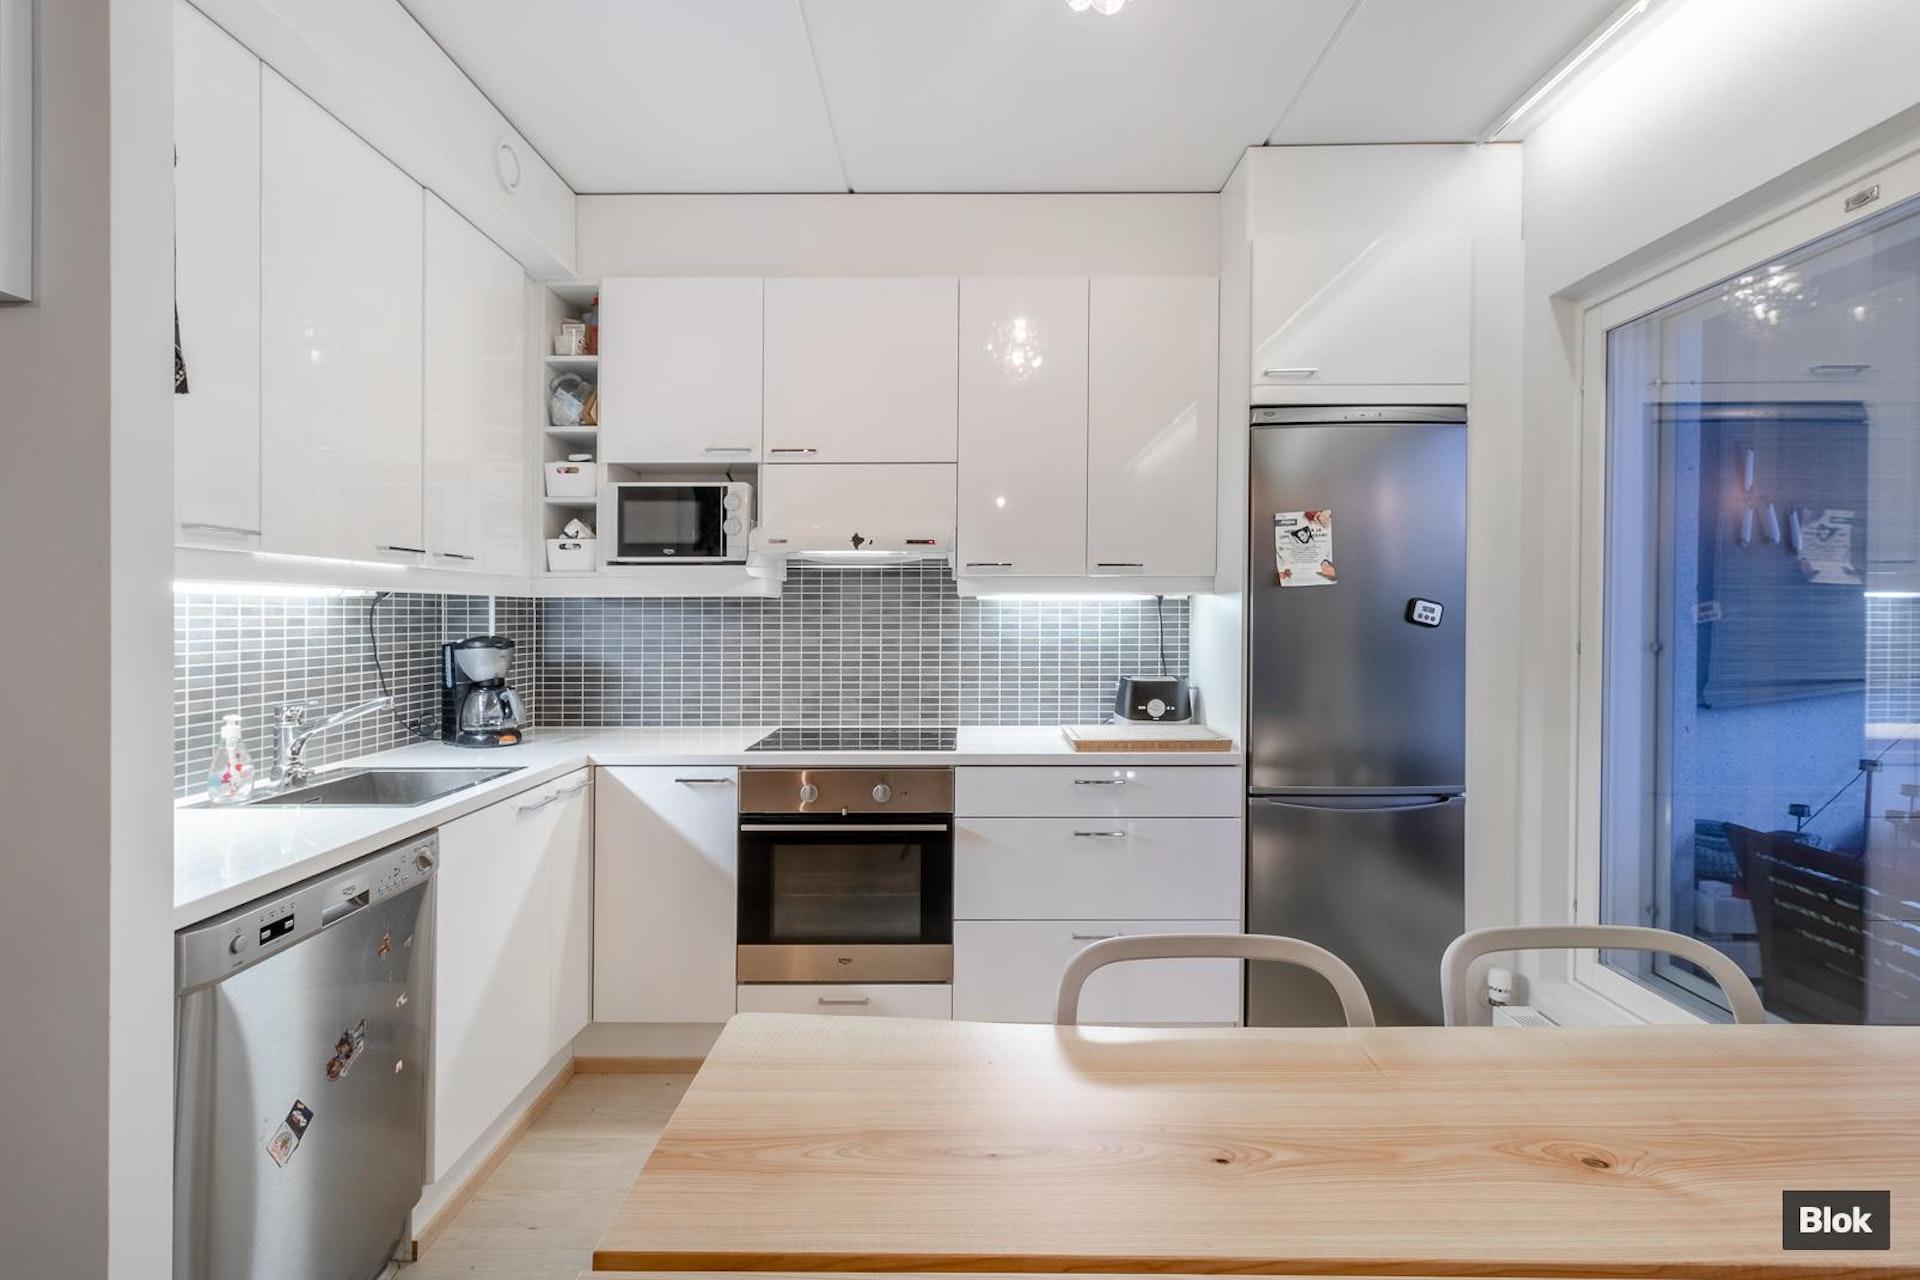 Rivitalomaista asumista, vuonna 2014 rakennetussa, kaksikerroksisessa luhtitalo asunnossa